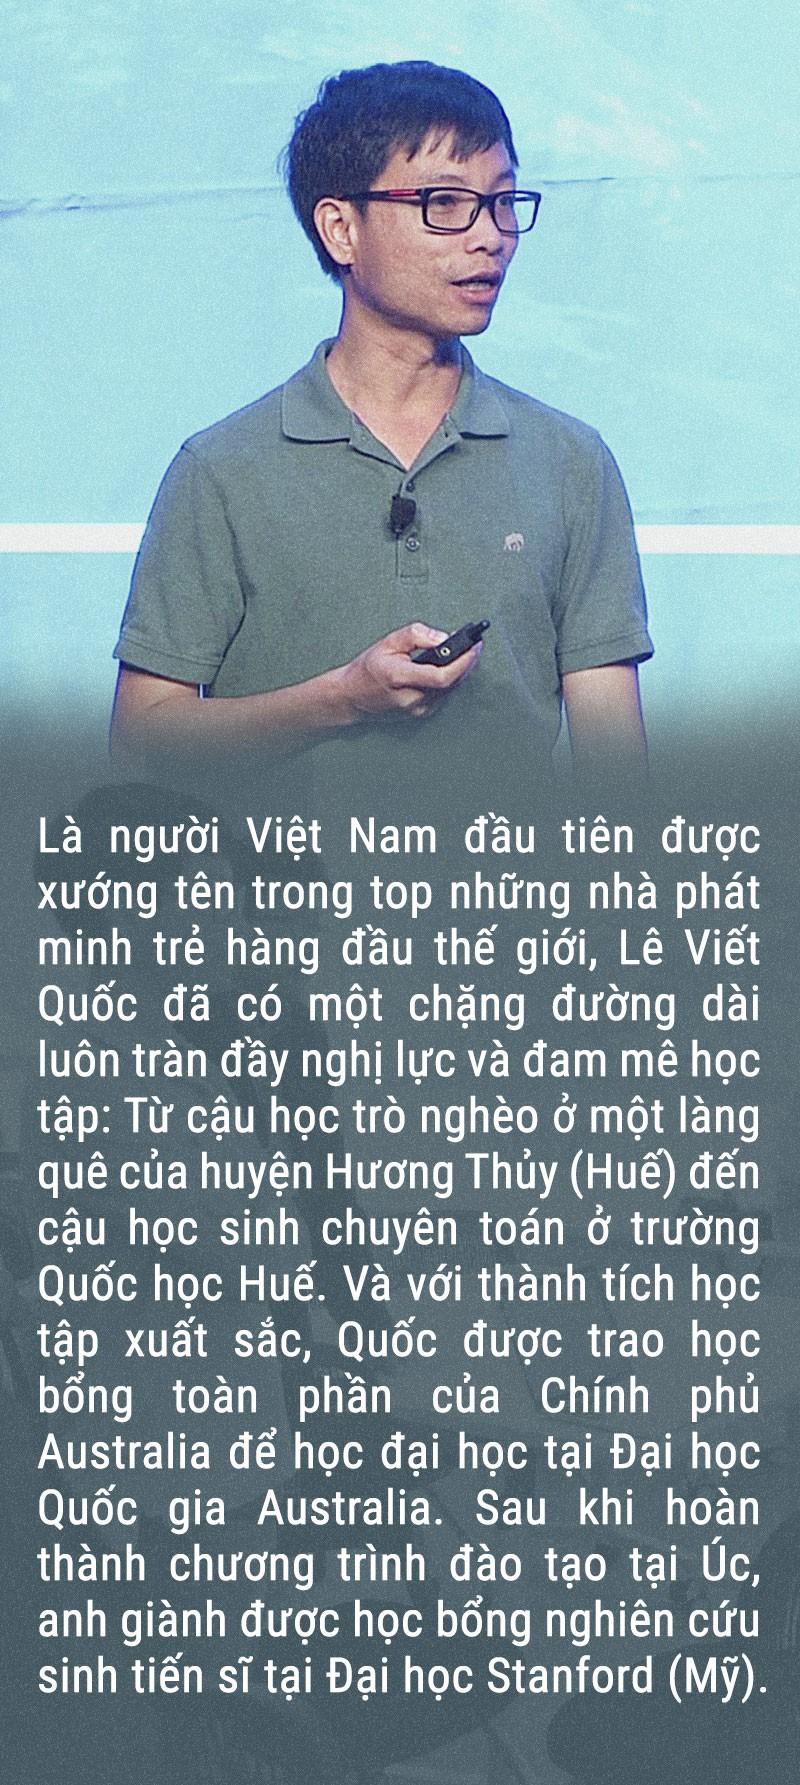 TS Lê Viết Quốc: Lúc nào cũng mơ về Việt Nam - Ảnh 2.